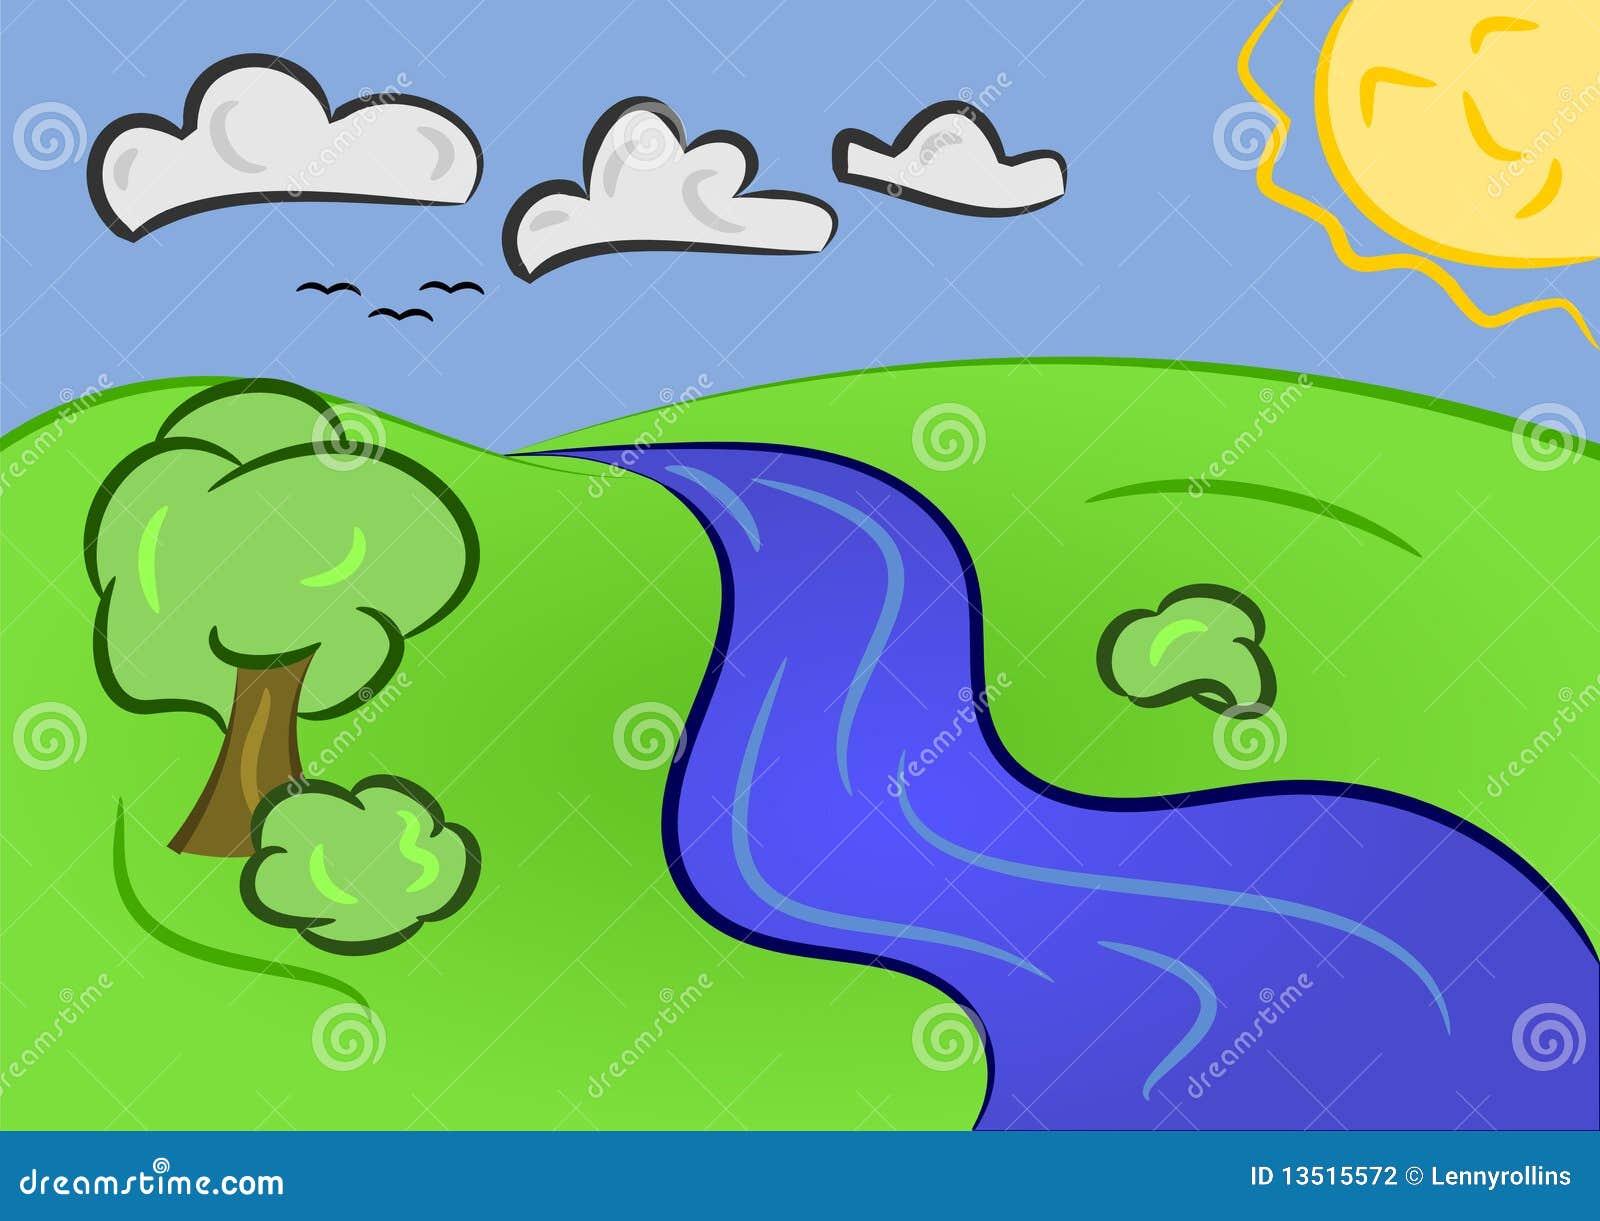 Cartoon Sunny Day Stock Photography